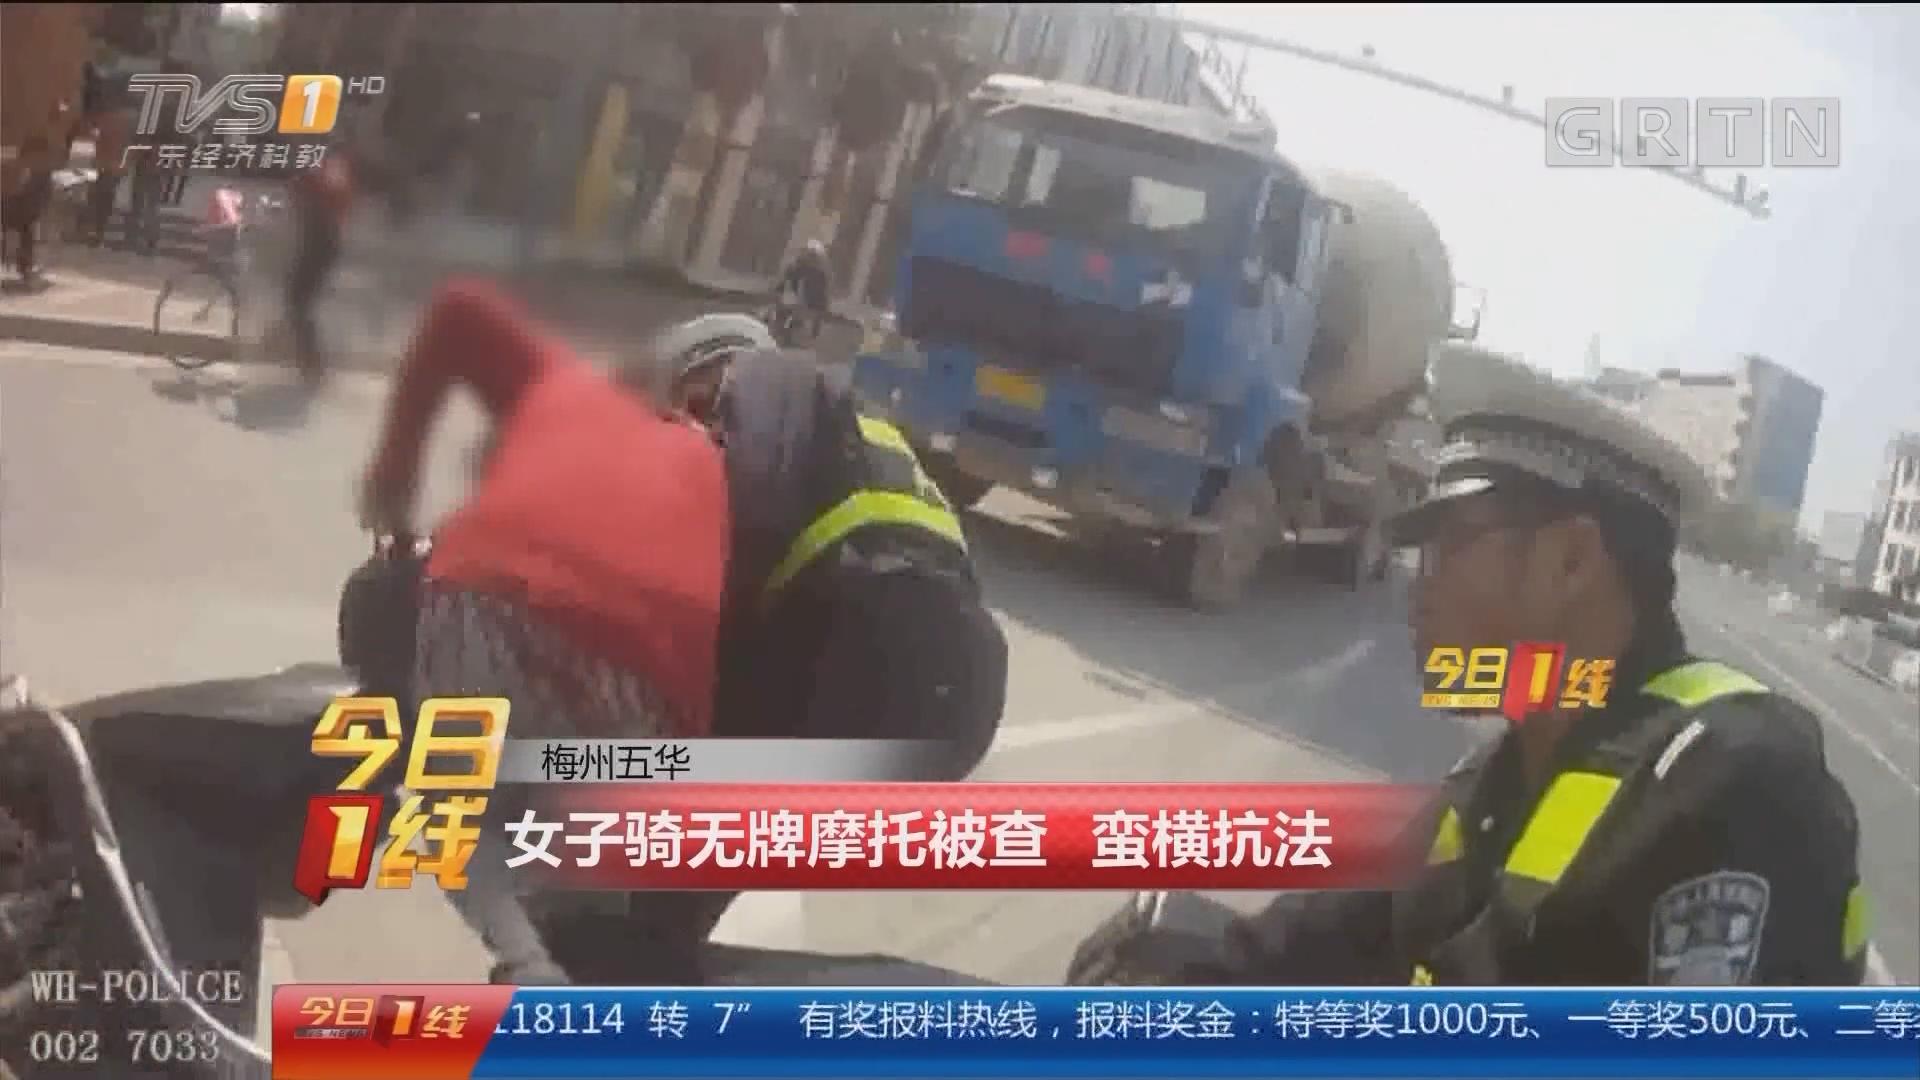 梅州五华:女子骑无牌摩托车被查 蛮横抗法